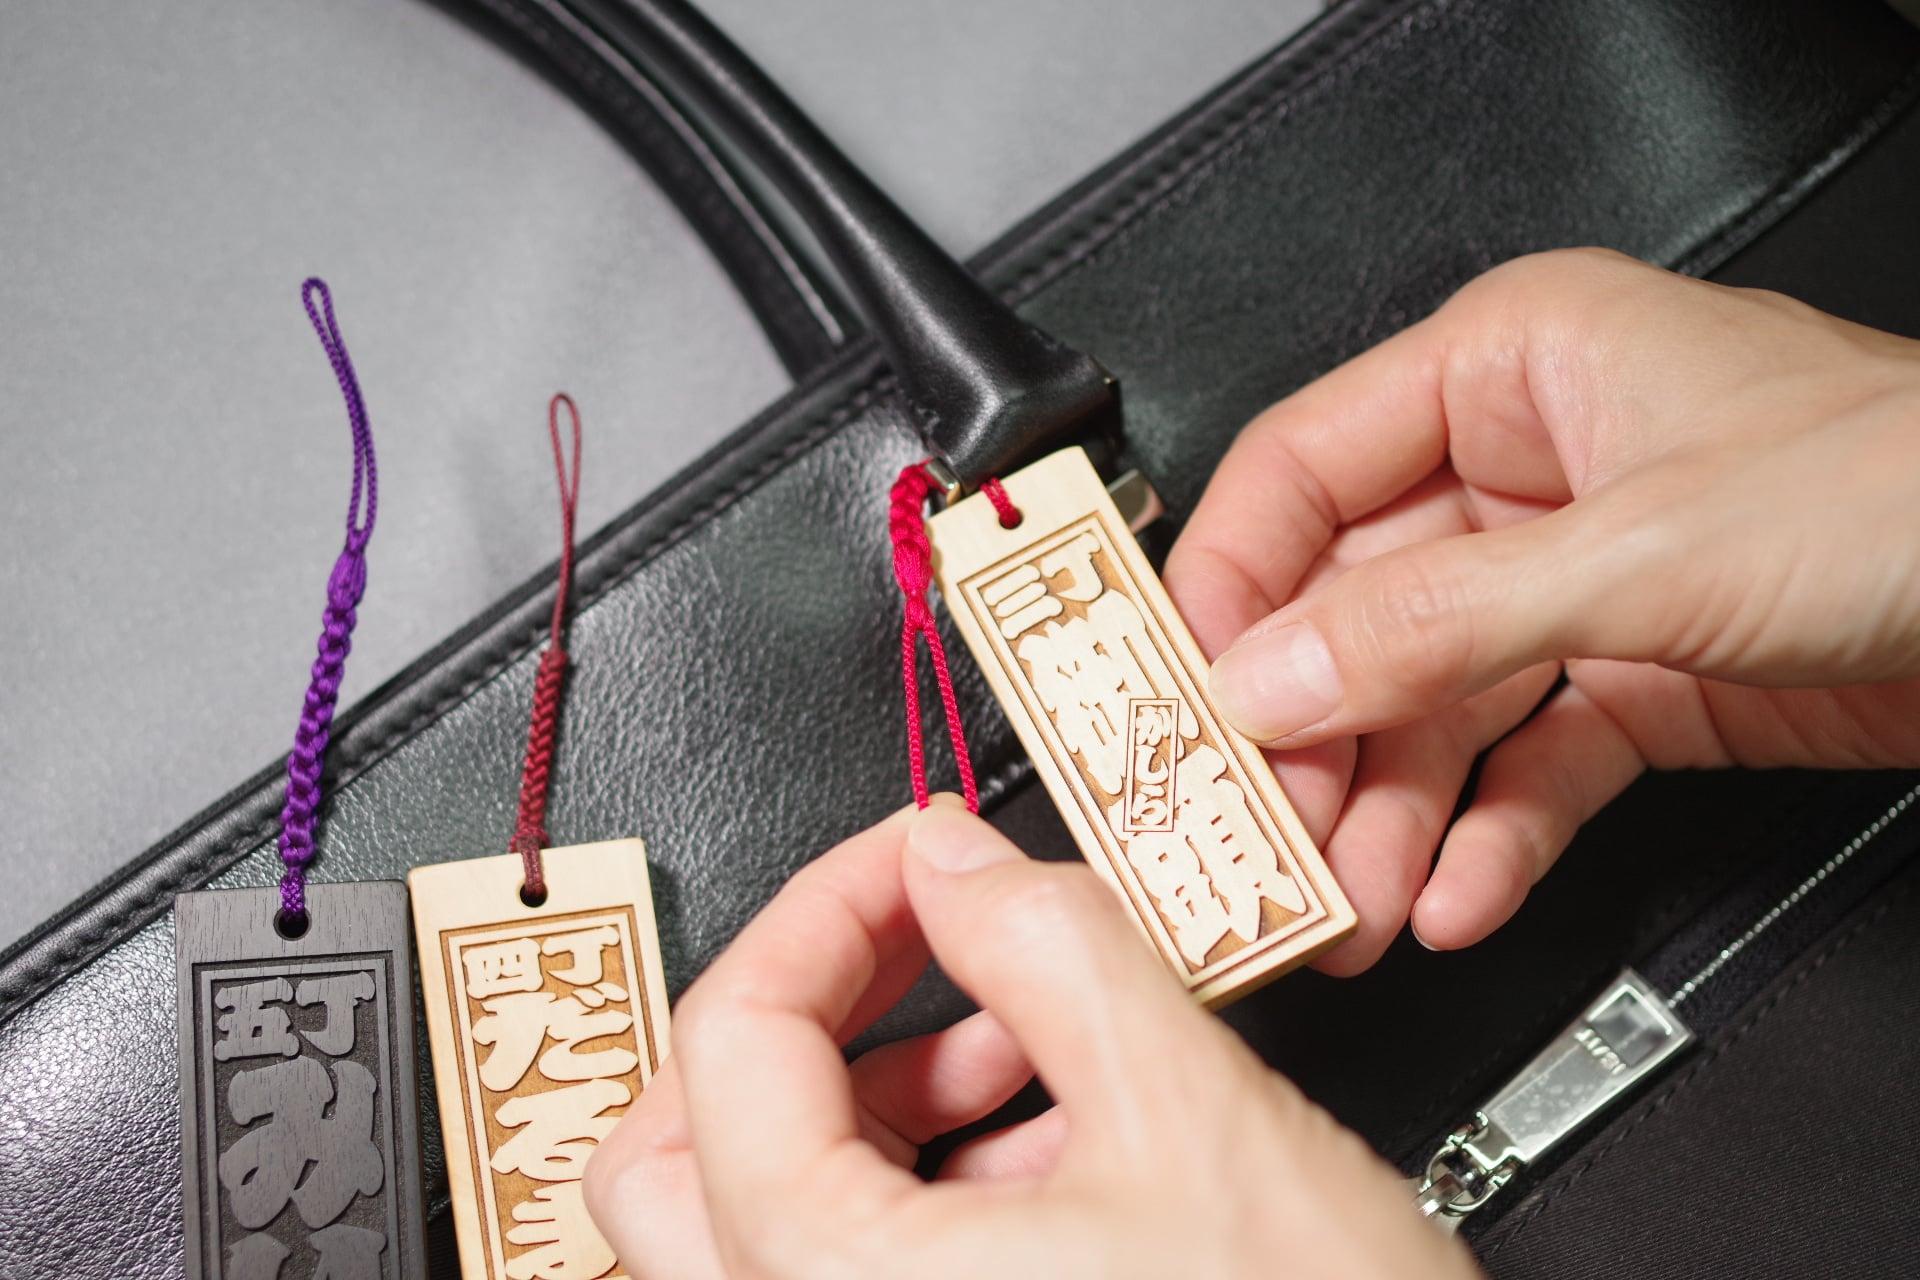 根付紐が回らない!ゴルフバック、ビジネス鞄に和風で丈夫な組紐「フダヤ手組結び」が人気。